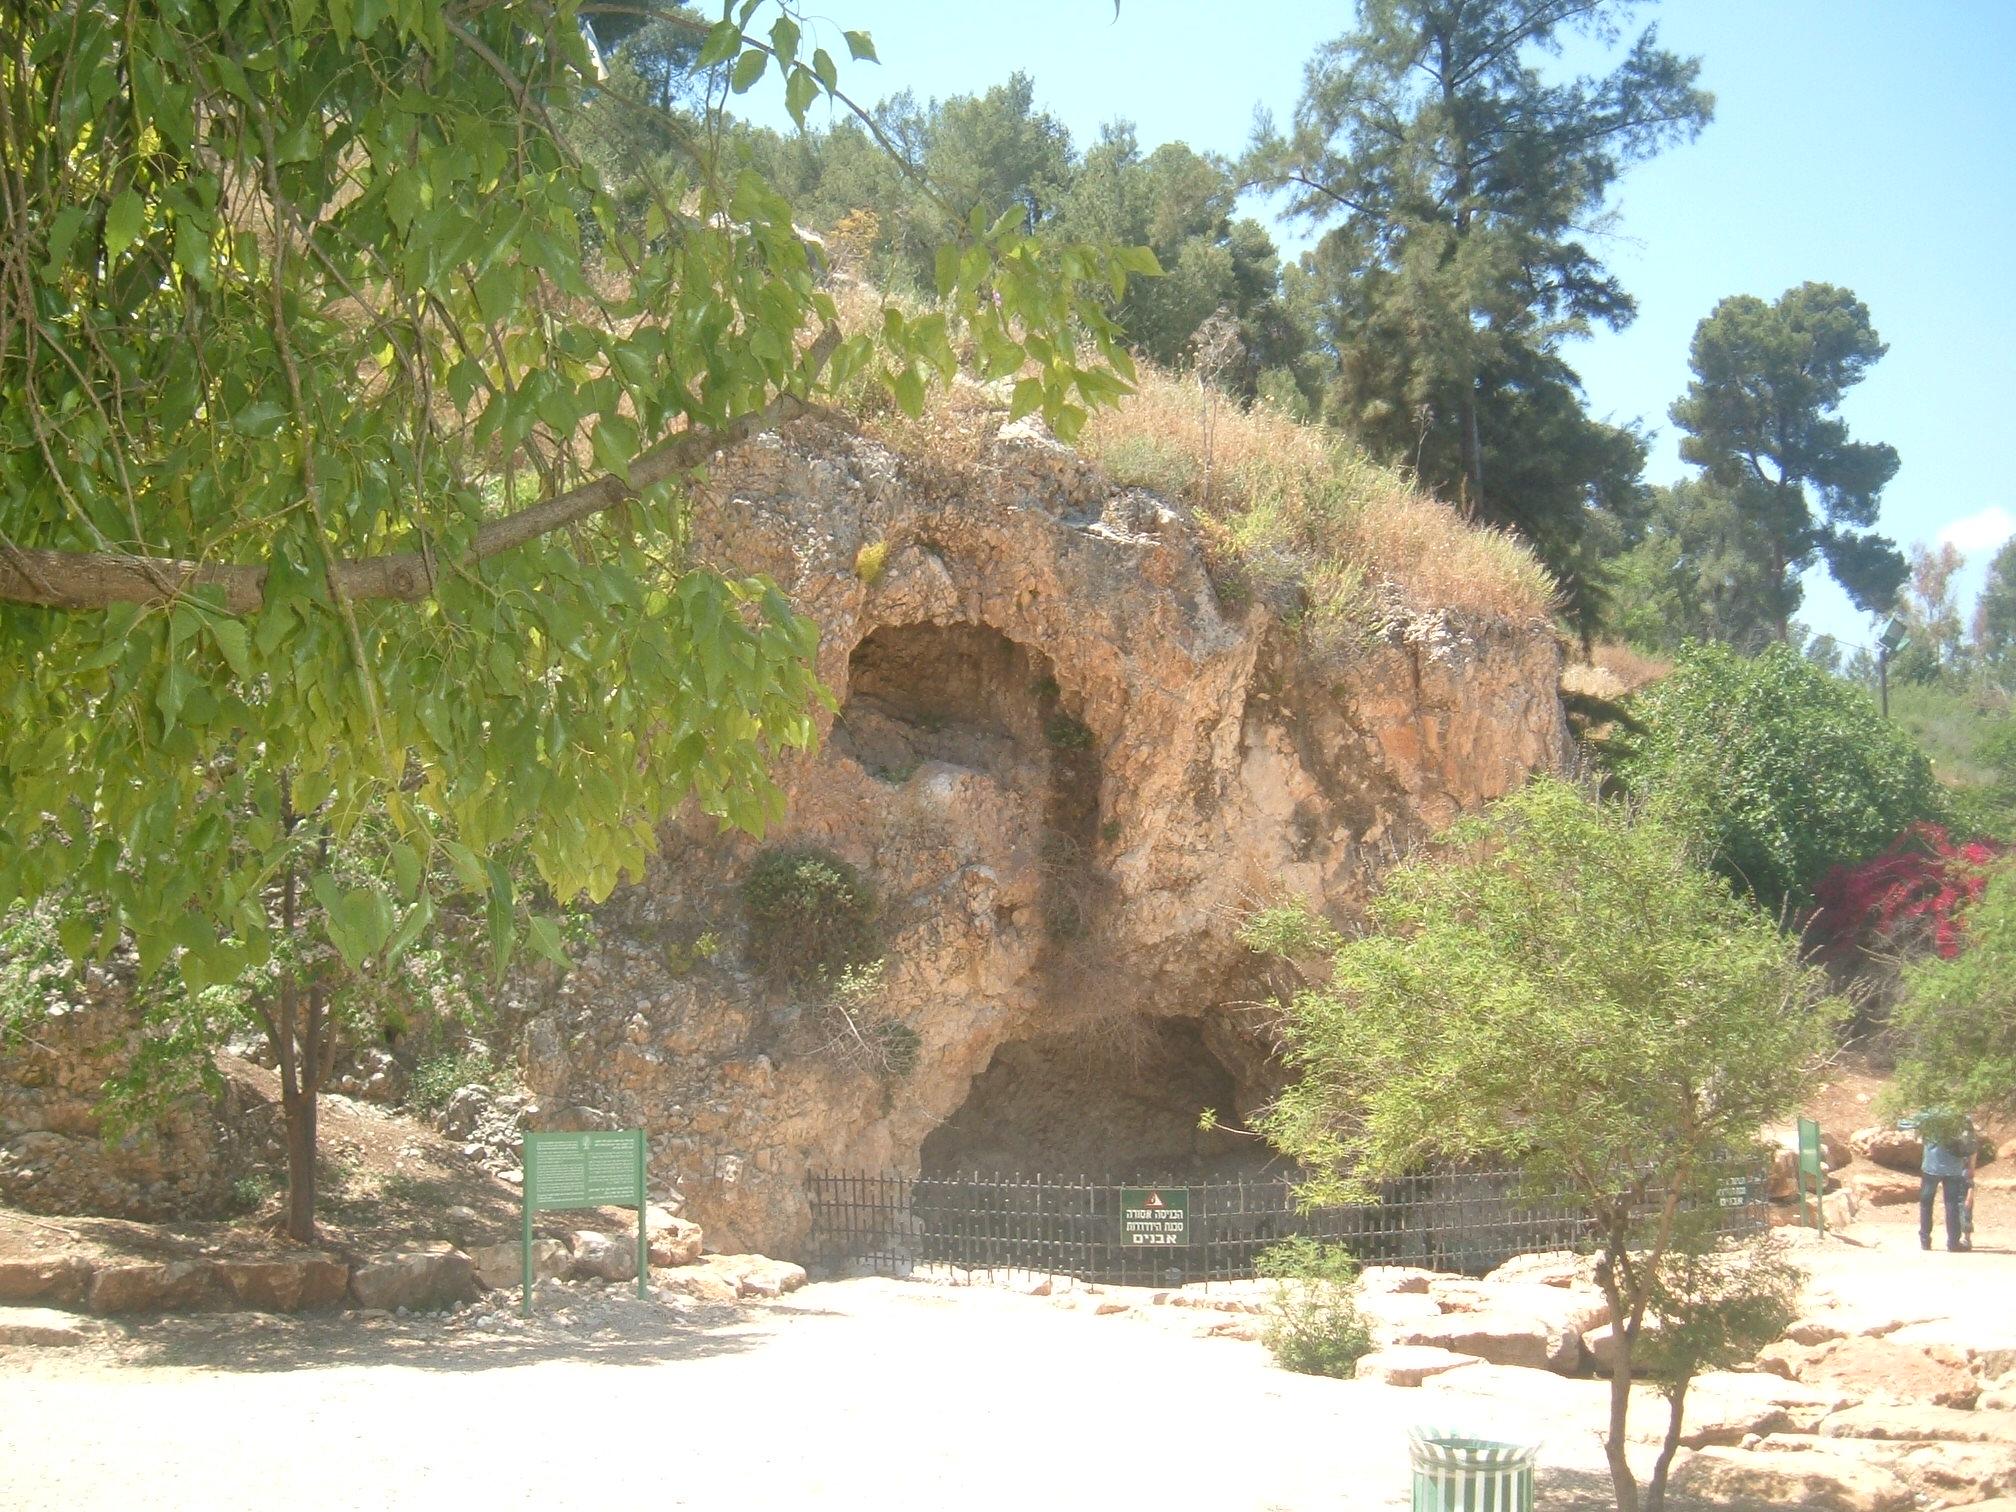 מערת גדעון (צילום: Almog, מתוך ויקיפדיה)